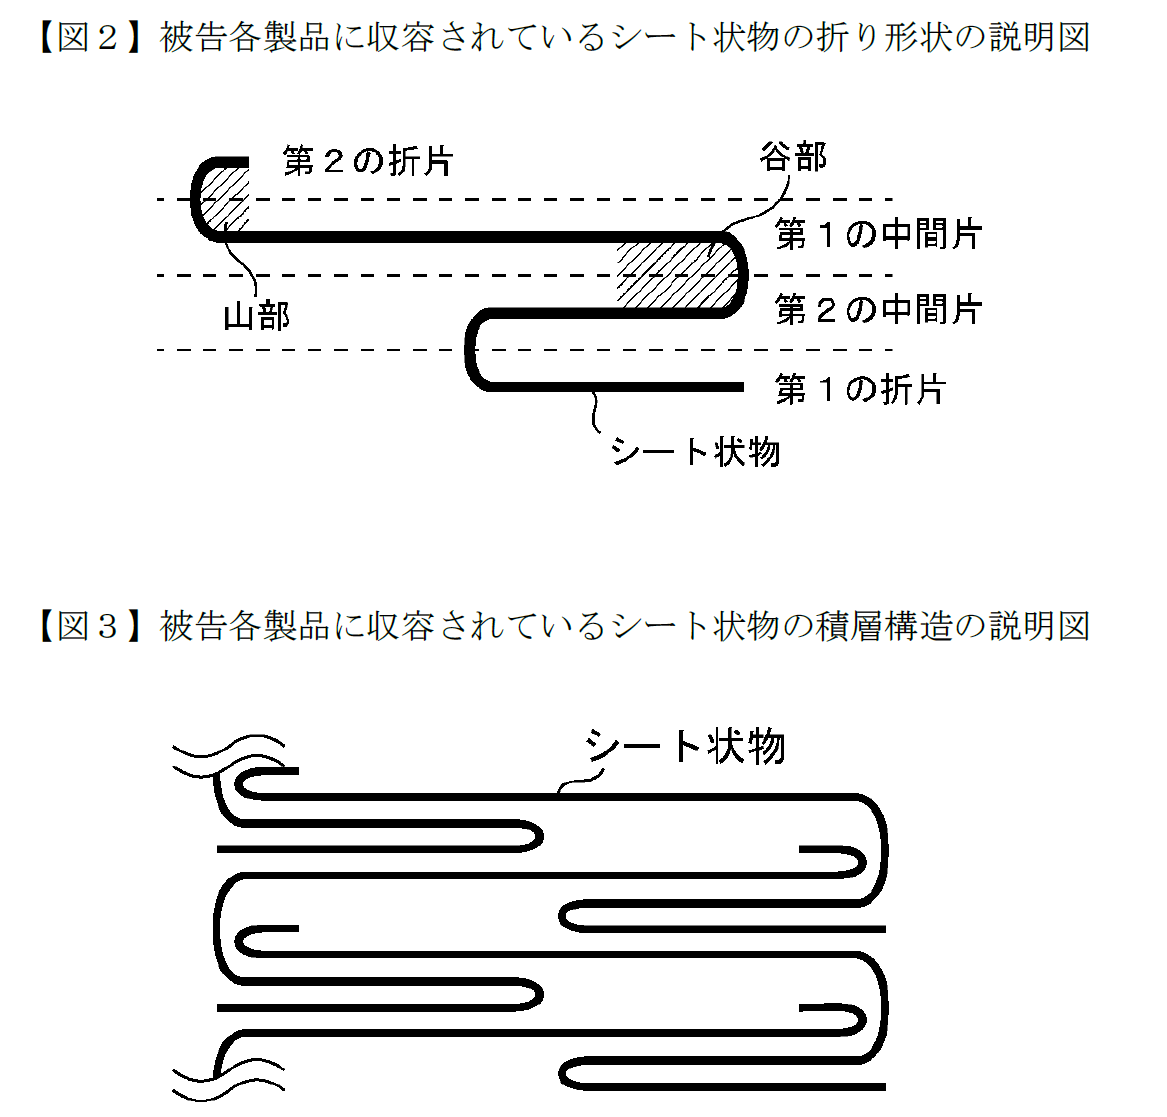 f:id:masakazu_kobayashi:20200628204616p:plain